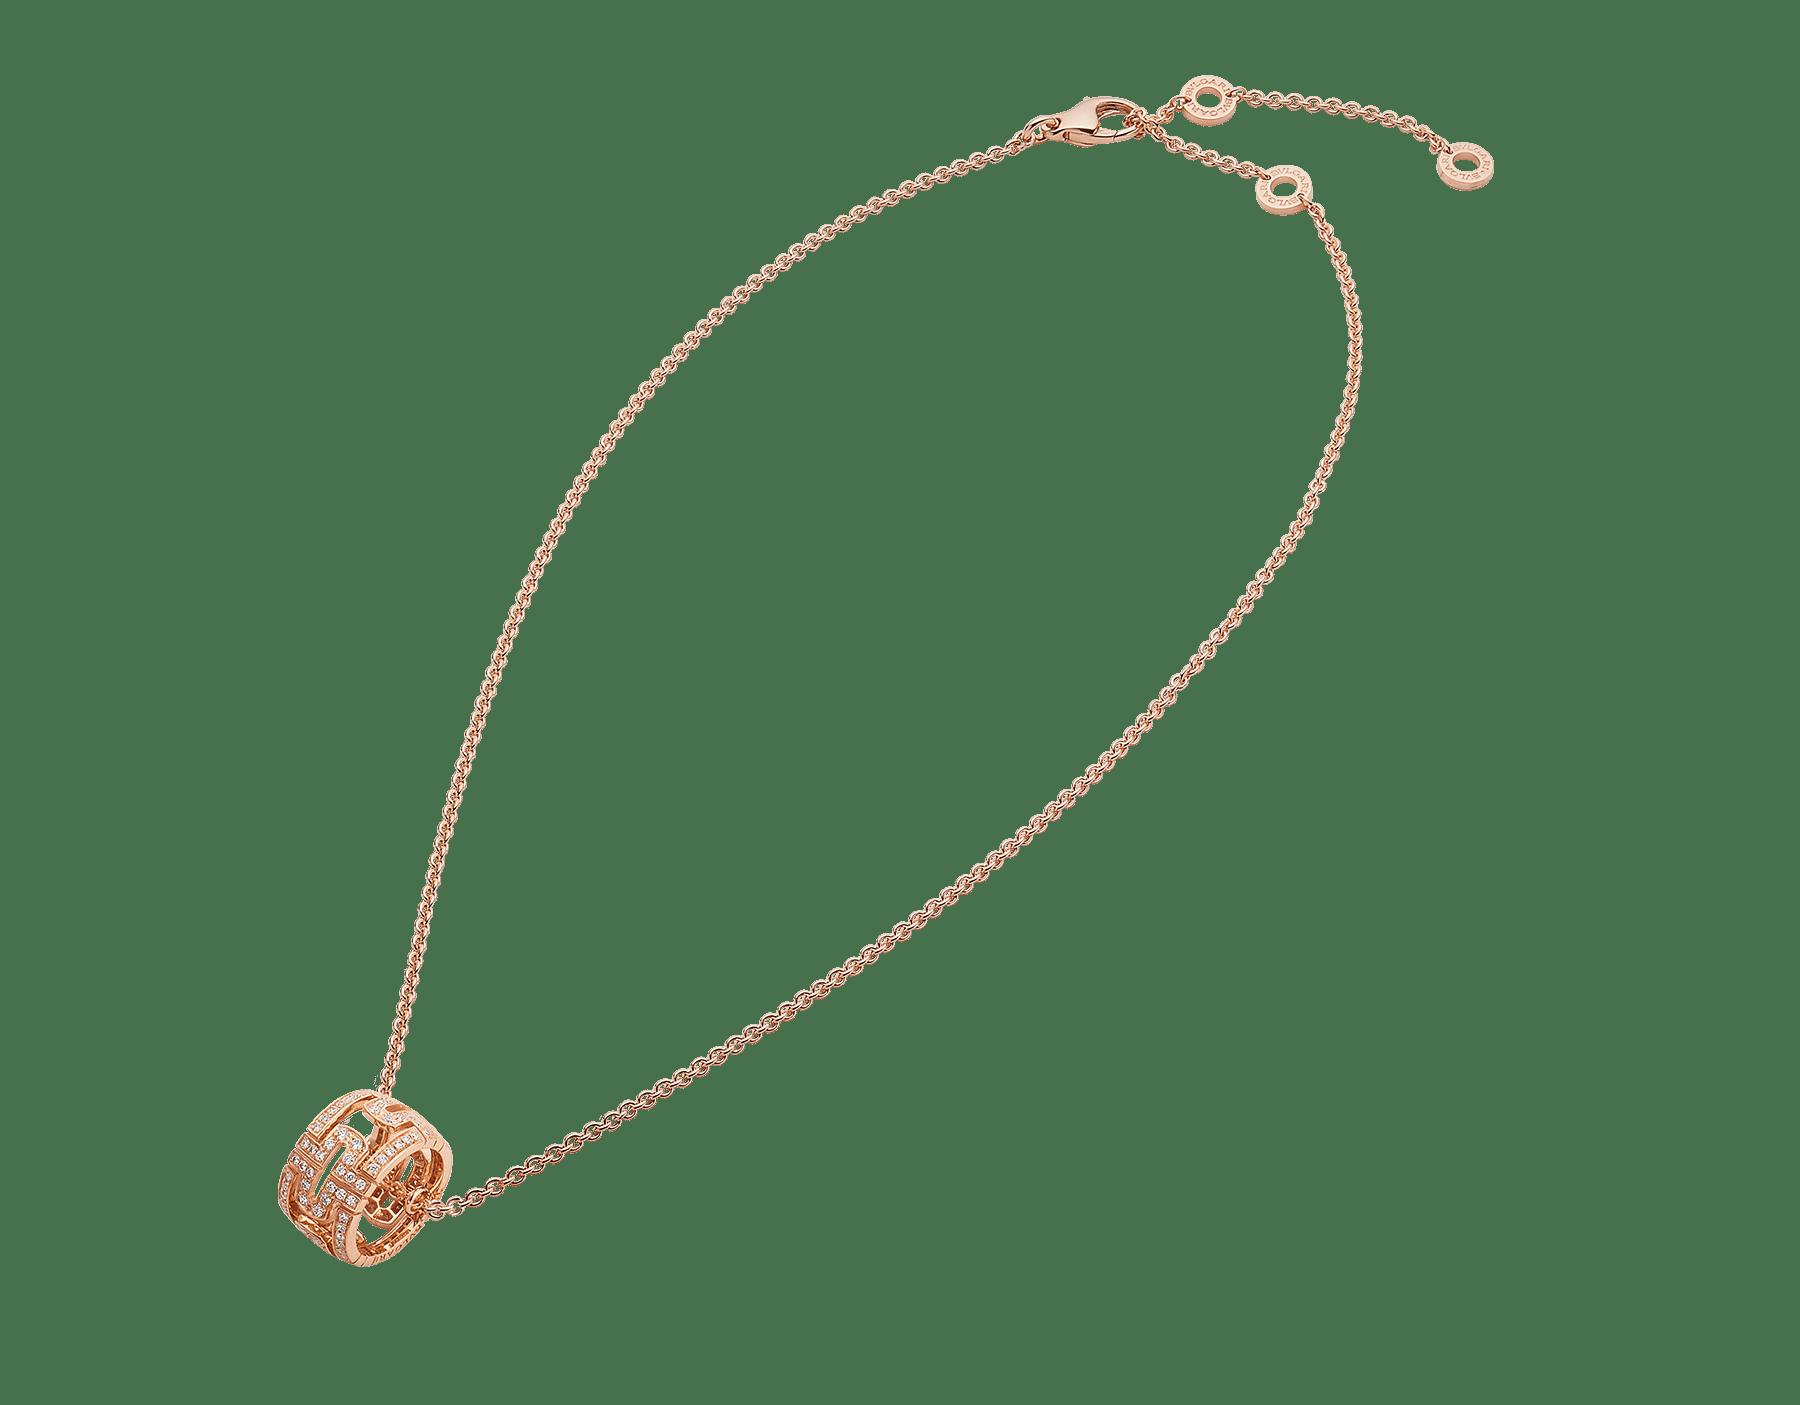 Collier Parentesi avec chaîne en or rose 18K et pendentif rond en or rose 18K pavé diamants 343471 image 2